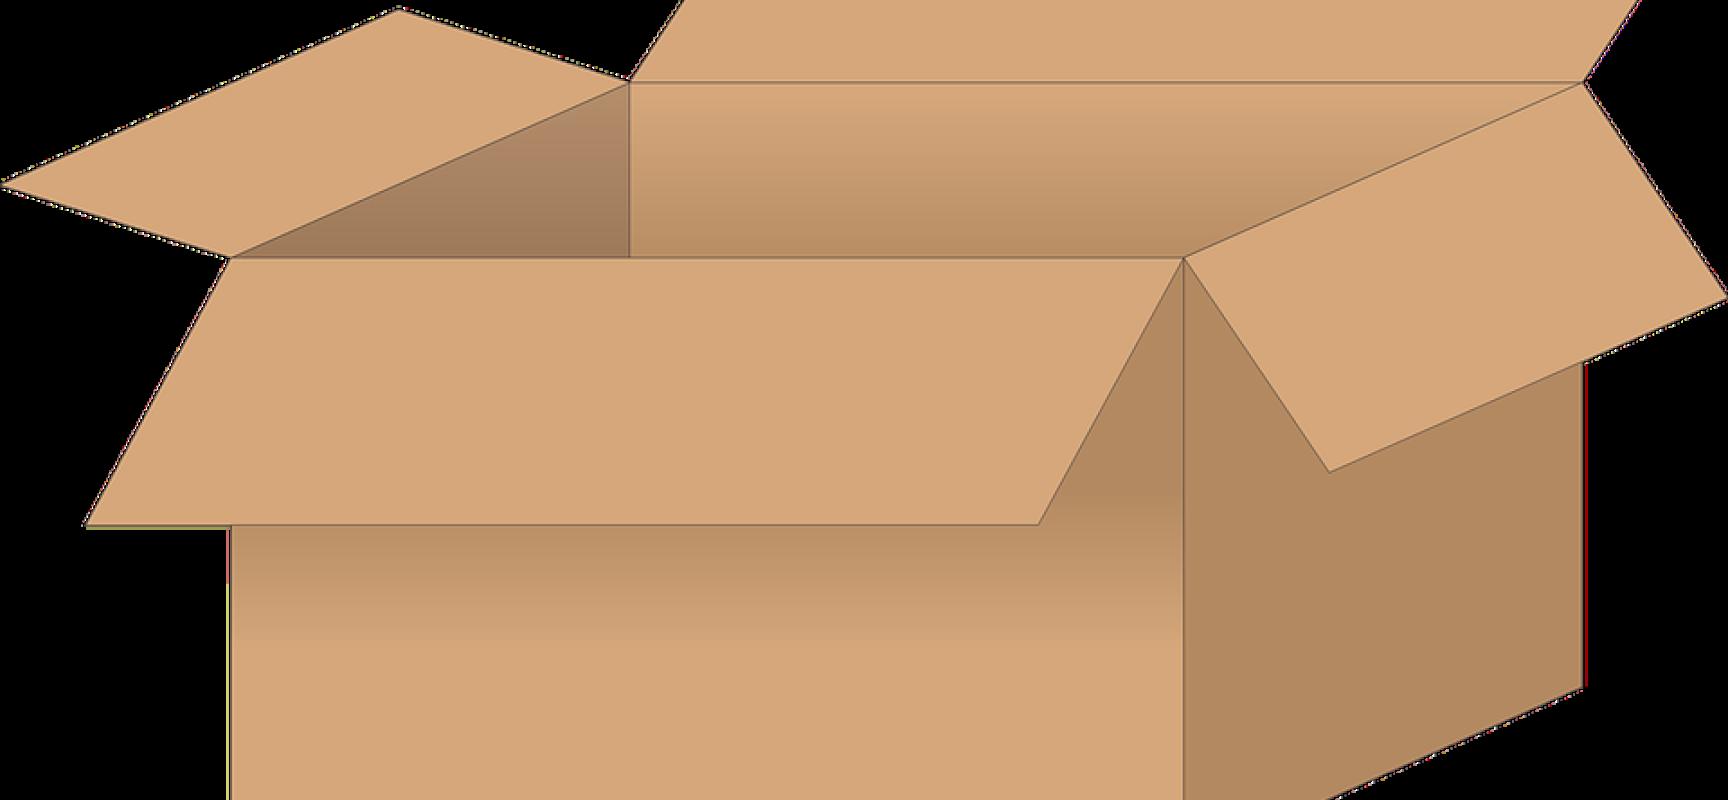 Kartonsammlung Rothenbrunnen: